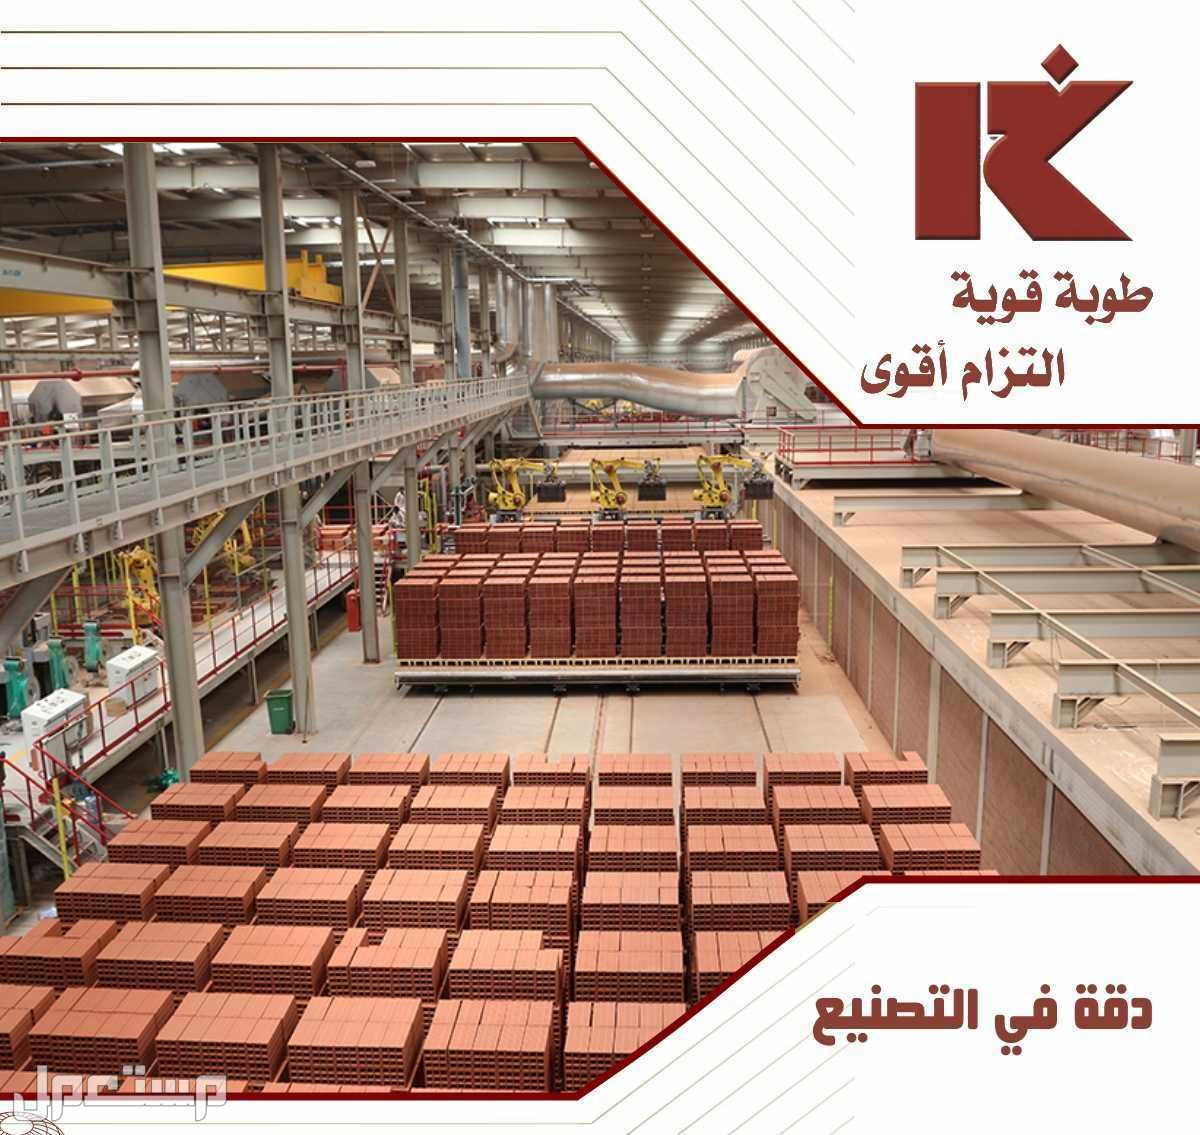 🏭 مصانع الخياط للطوب و البلك الأحمر الخرج 🧱